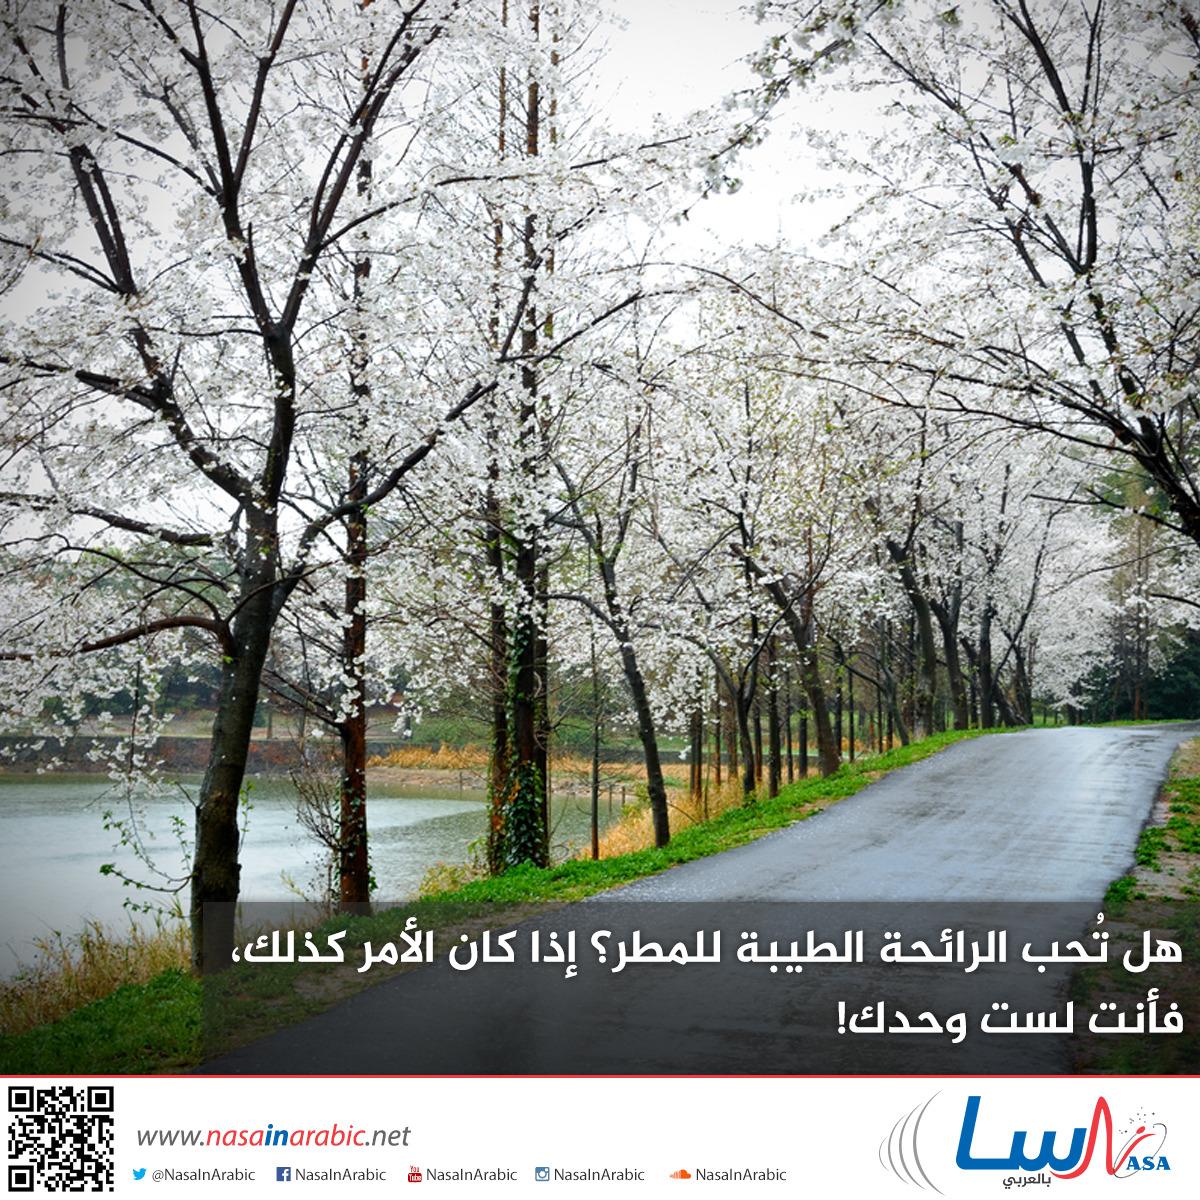 هل تُحب الرائحة الطيبة للمطر؟ إذا كان الأمر كذلك، فأنت لست وحدك!